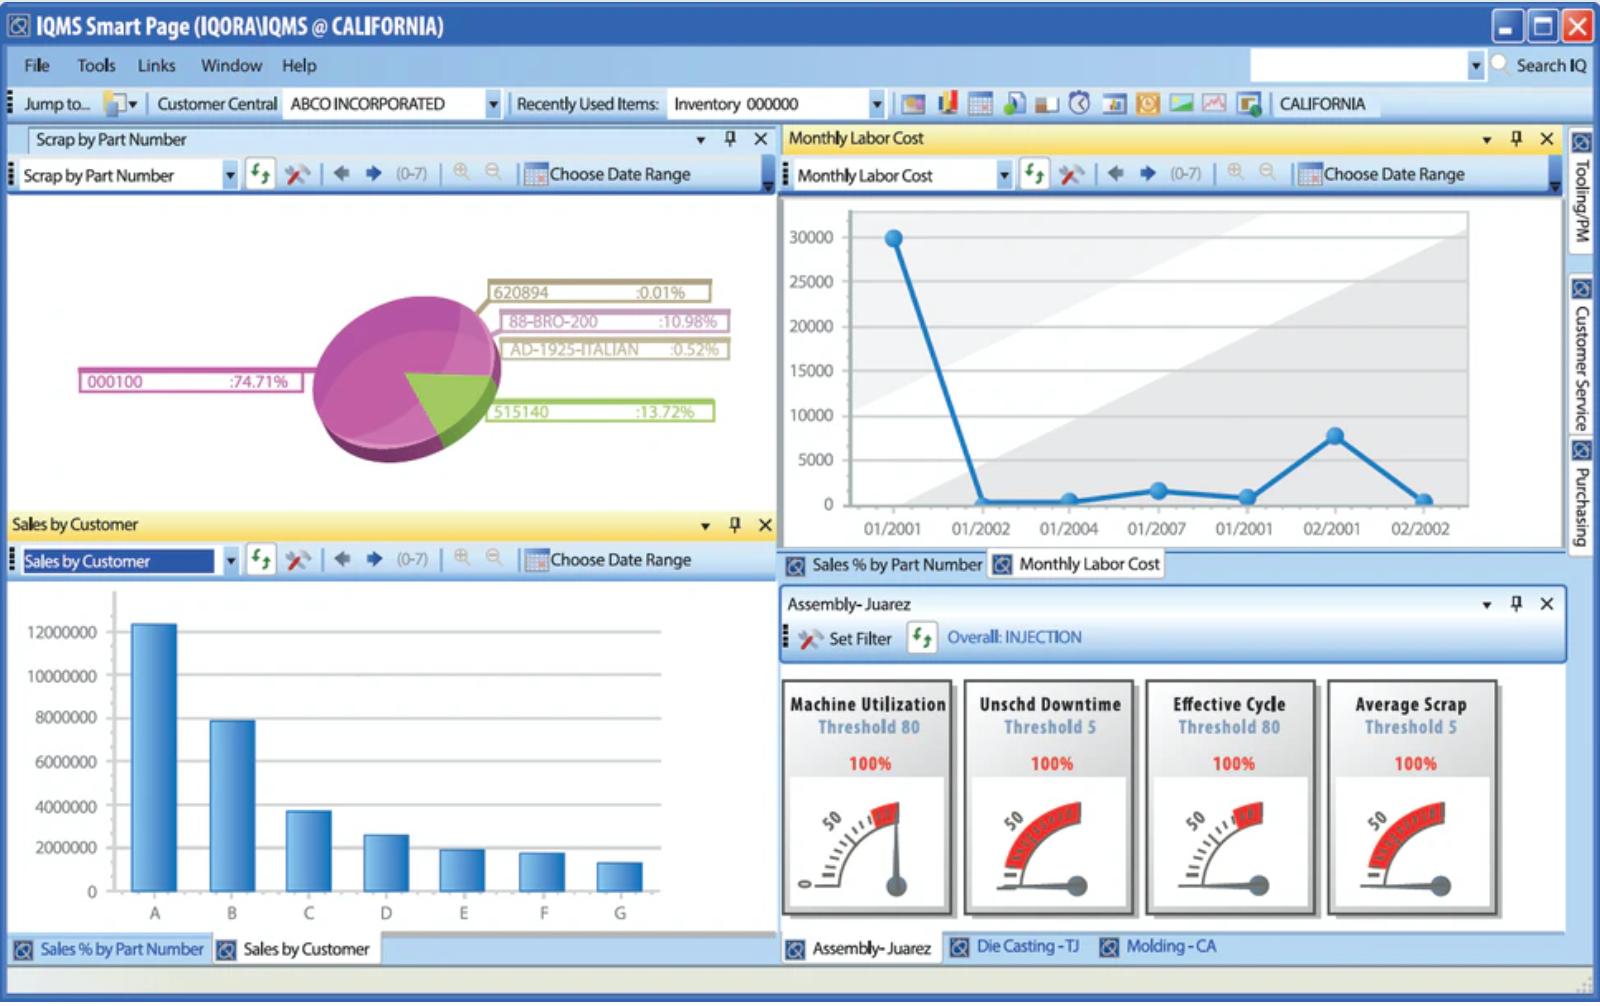 DELMIAworks Software - IQMS Smart Page